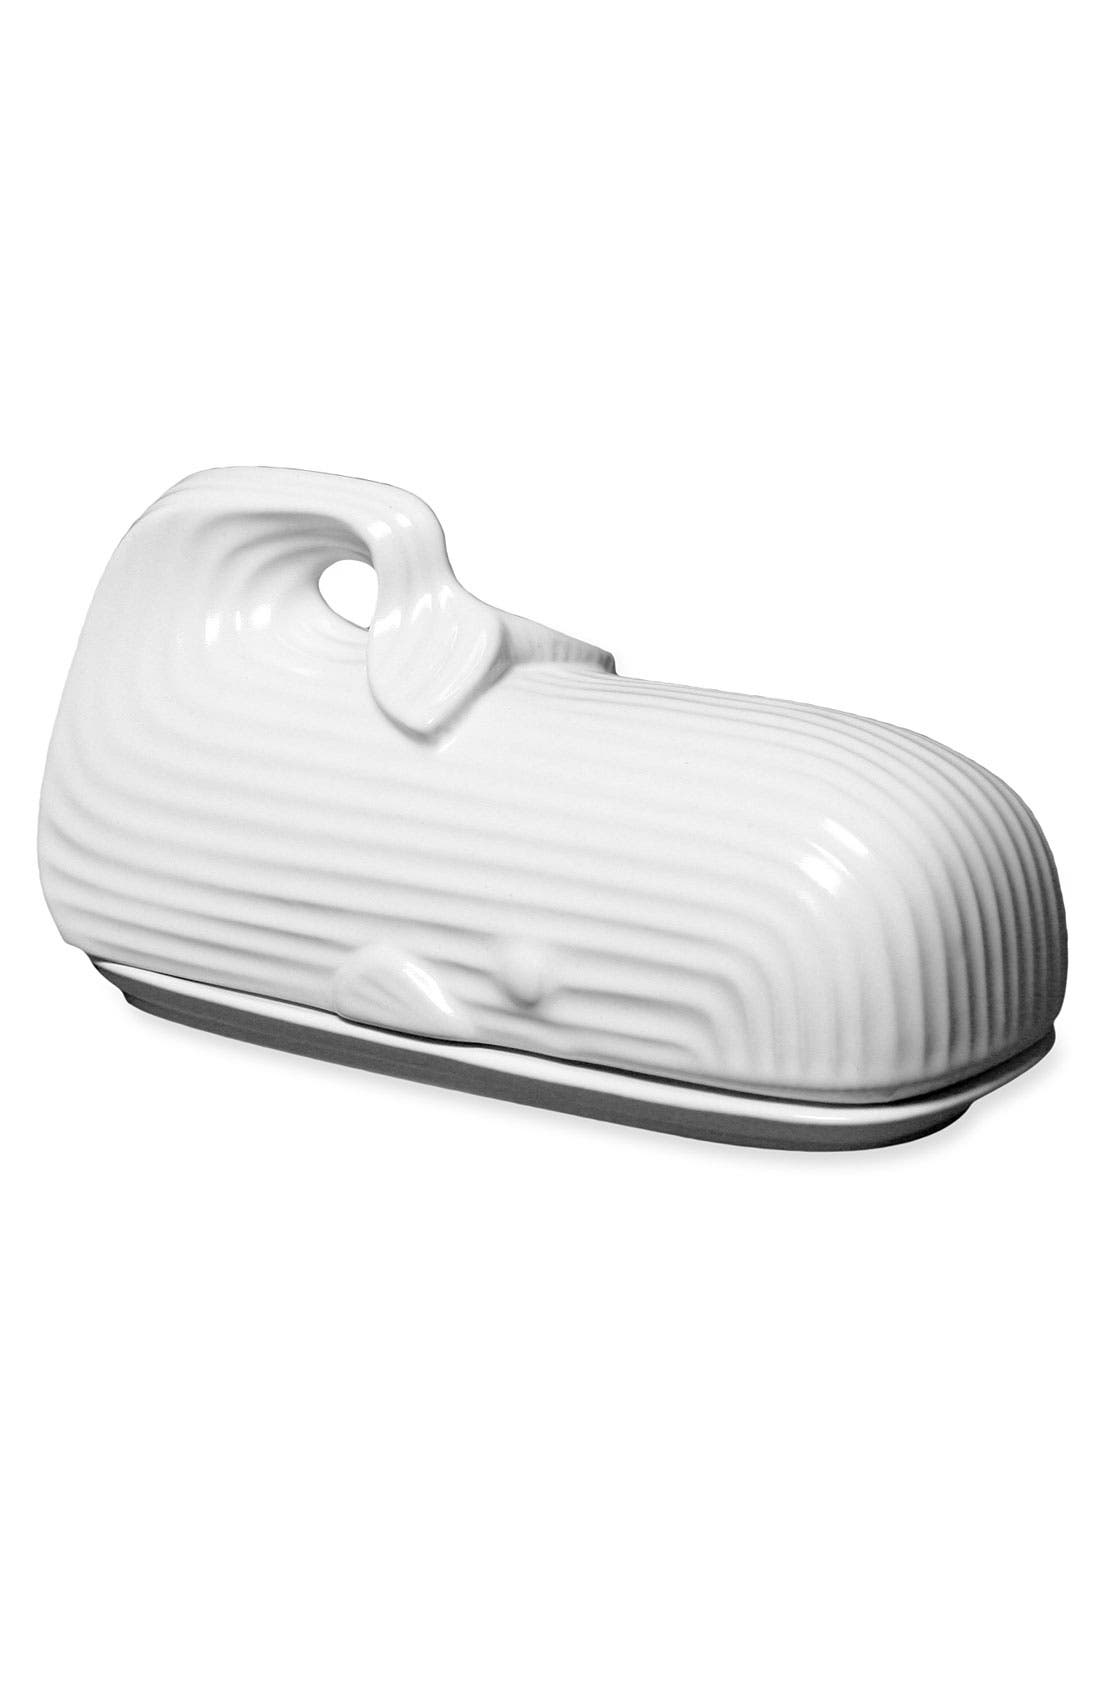 Alternate Image 1 Selected - Jonathan Adler Whale Butter Dish